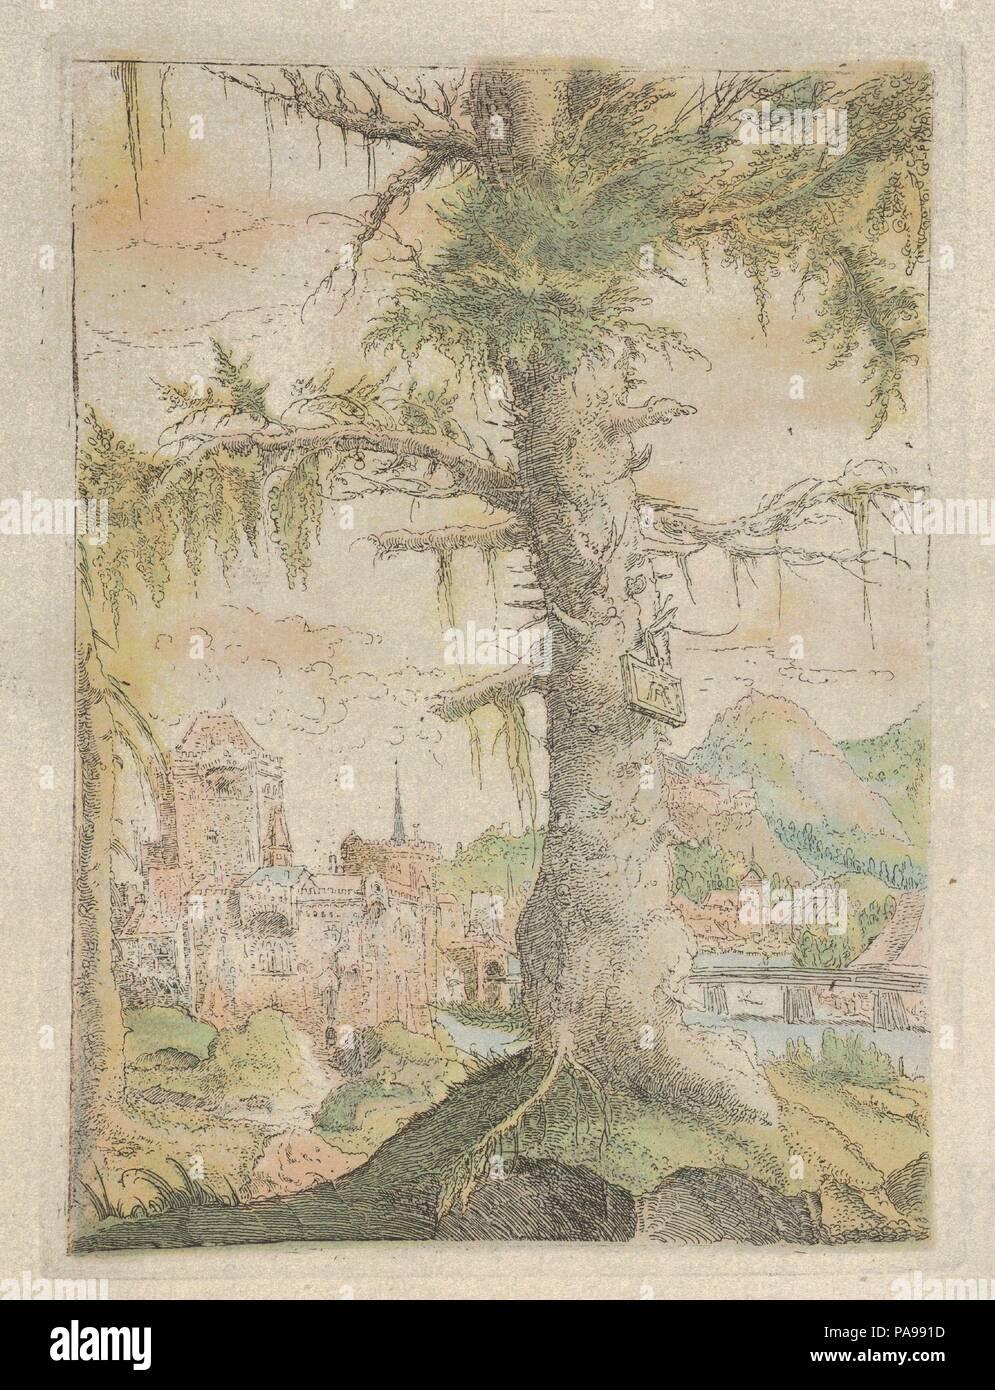 Faksimile Reproduktion der Kleine Fichten. Künstler: Albrecht Altdorfer (Deutsch, Regensburg Ca. 1480-1538 Regensburg). Autor: Autor der Meisterwerke der Graphik im XVIII Jahrhundert, Alfred Stix. Maße: Blatt: 7 13/16 x 6 3/16 in. (19,9 x 15,7 cm) Platte: 6 5/8 x 4 13/16 in. (16,9 × 12,2 cm). Herausgeber: Artur Wolf (Wien). Museum: Metropolitan Museum of Art, New York, USA. Stockbild